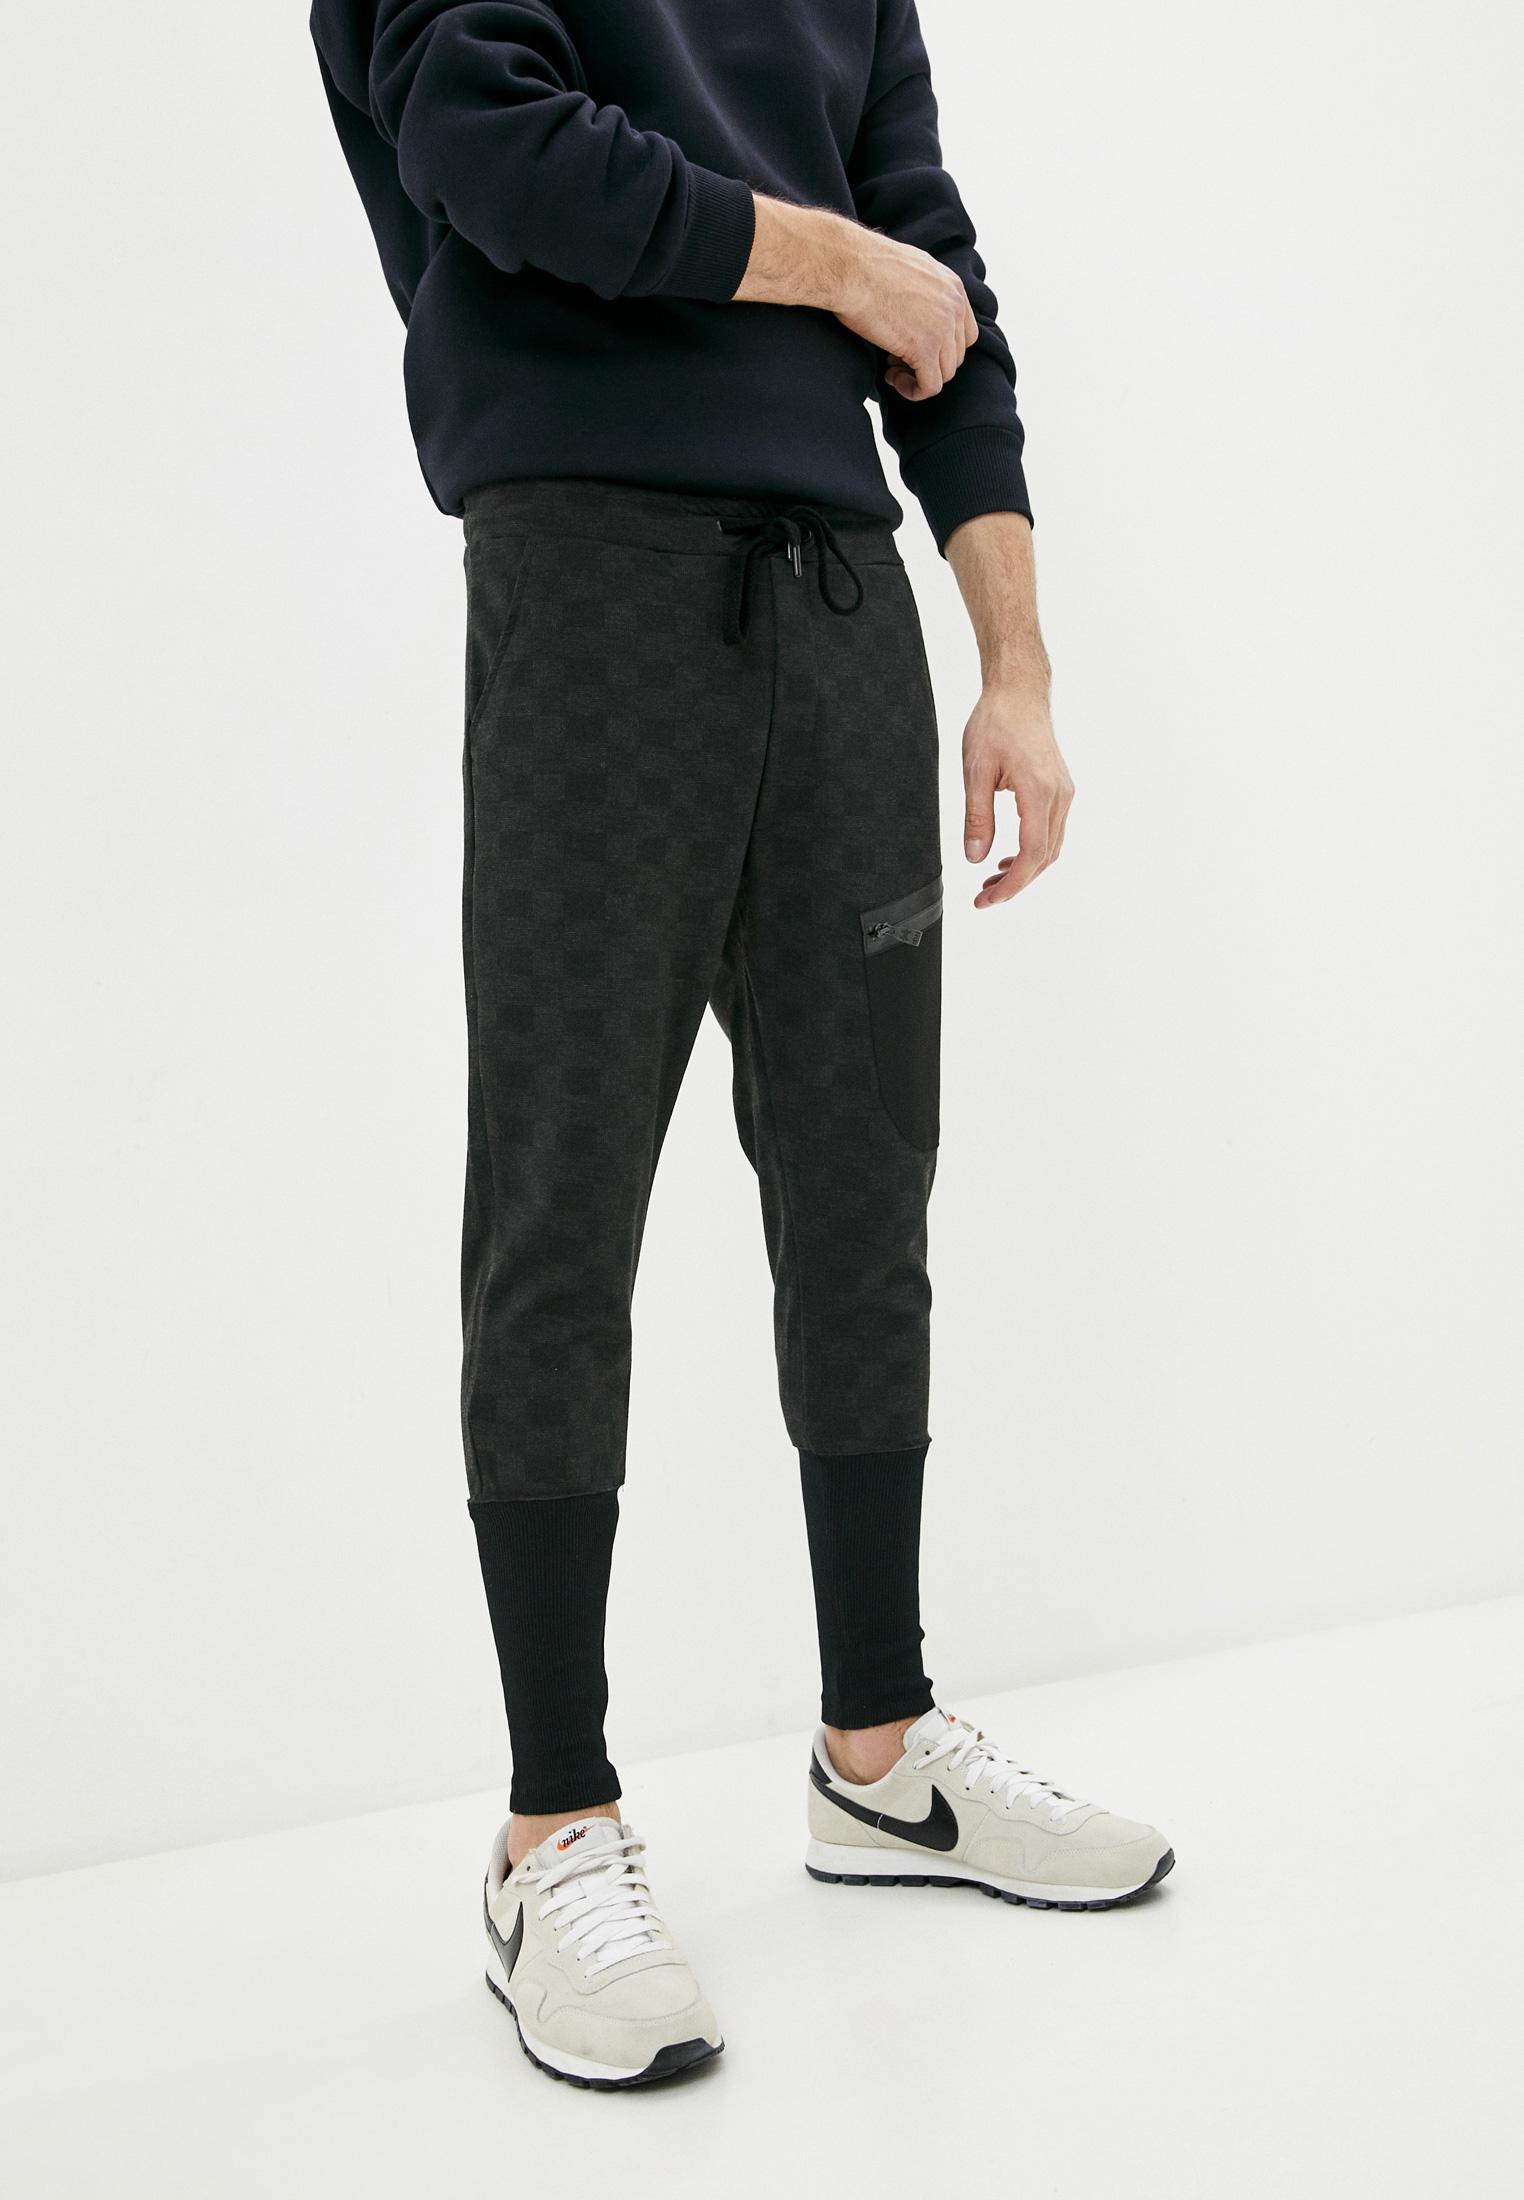 Мужские спортивные брюки RNT23 2520